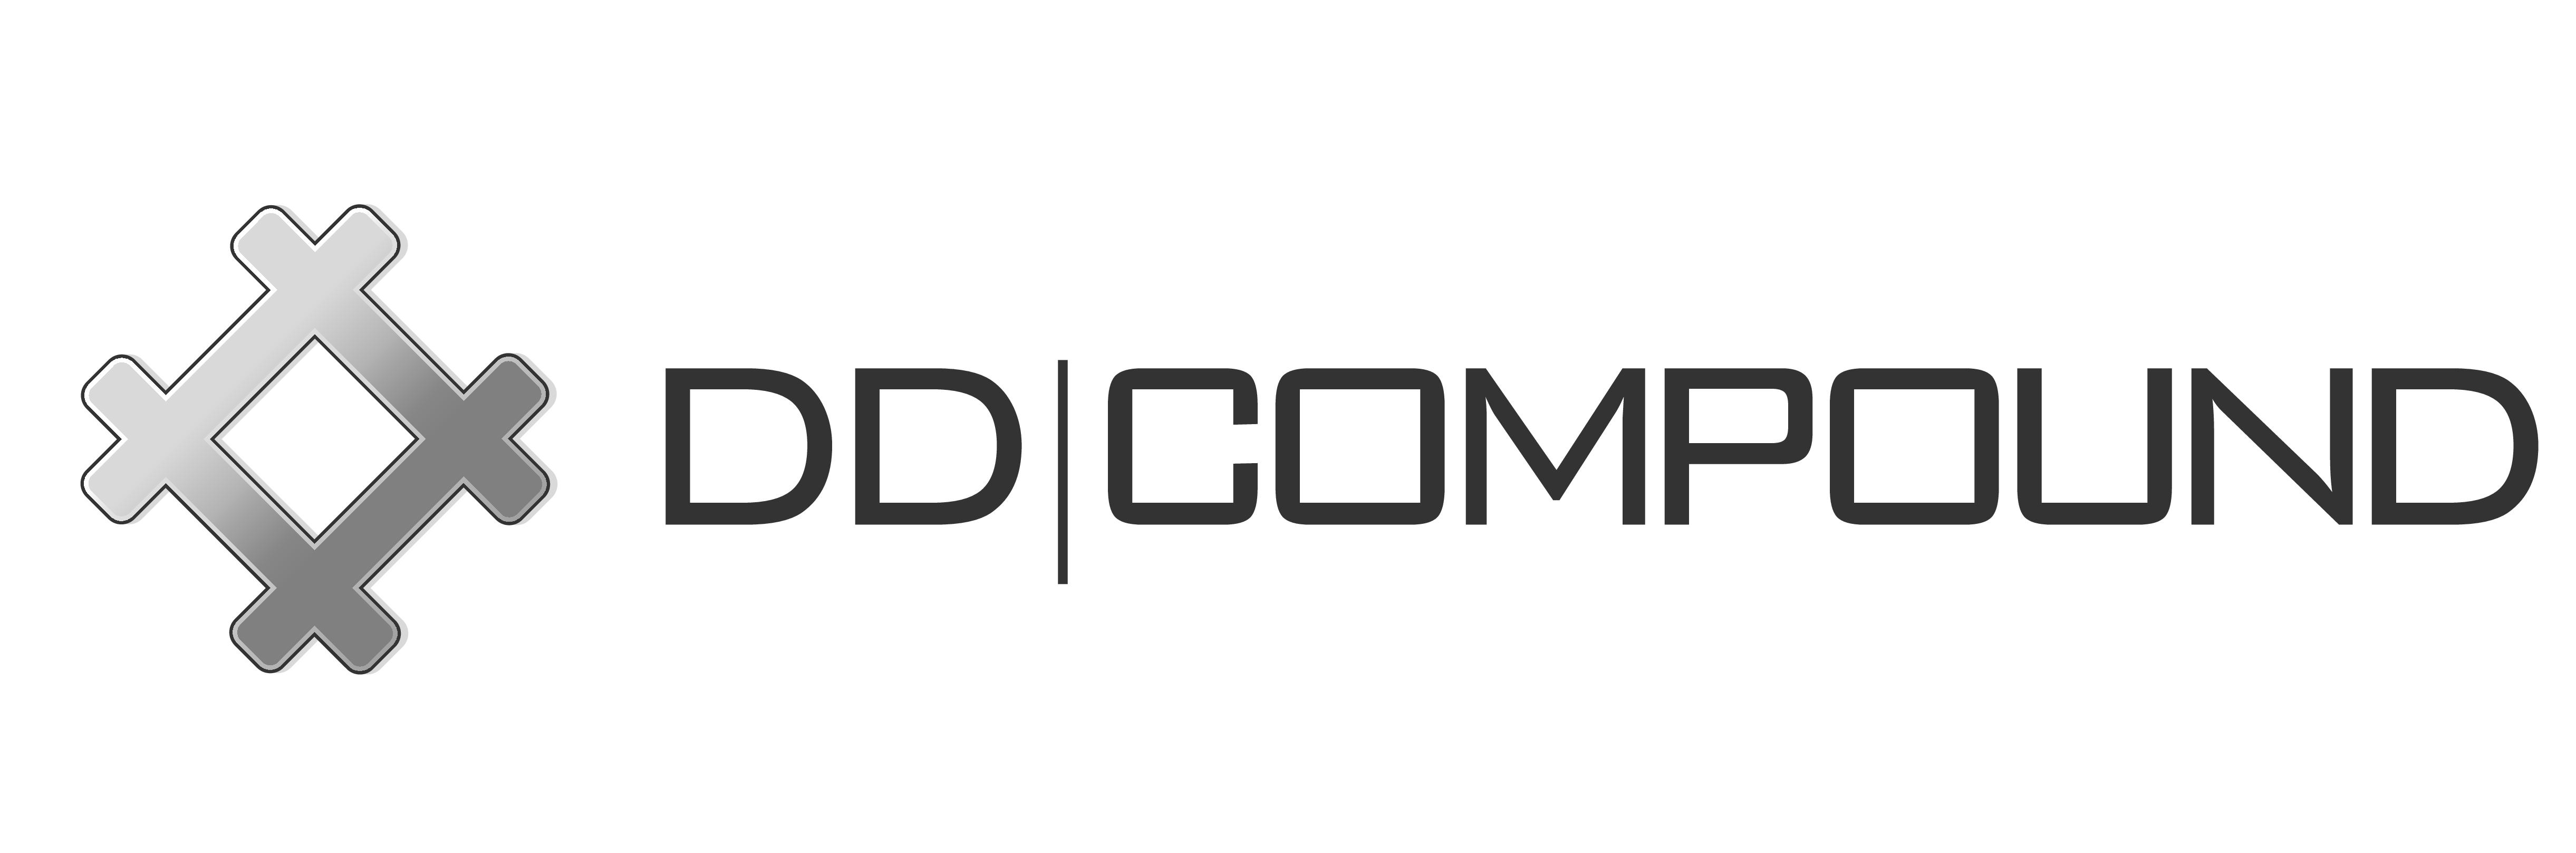 DDcompound